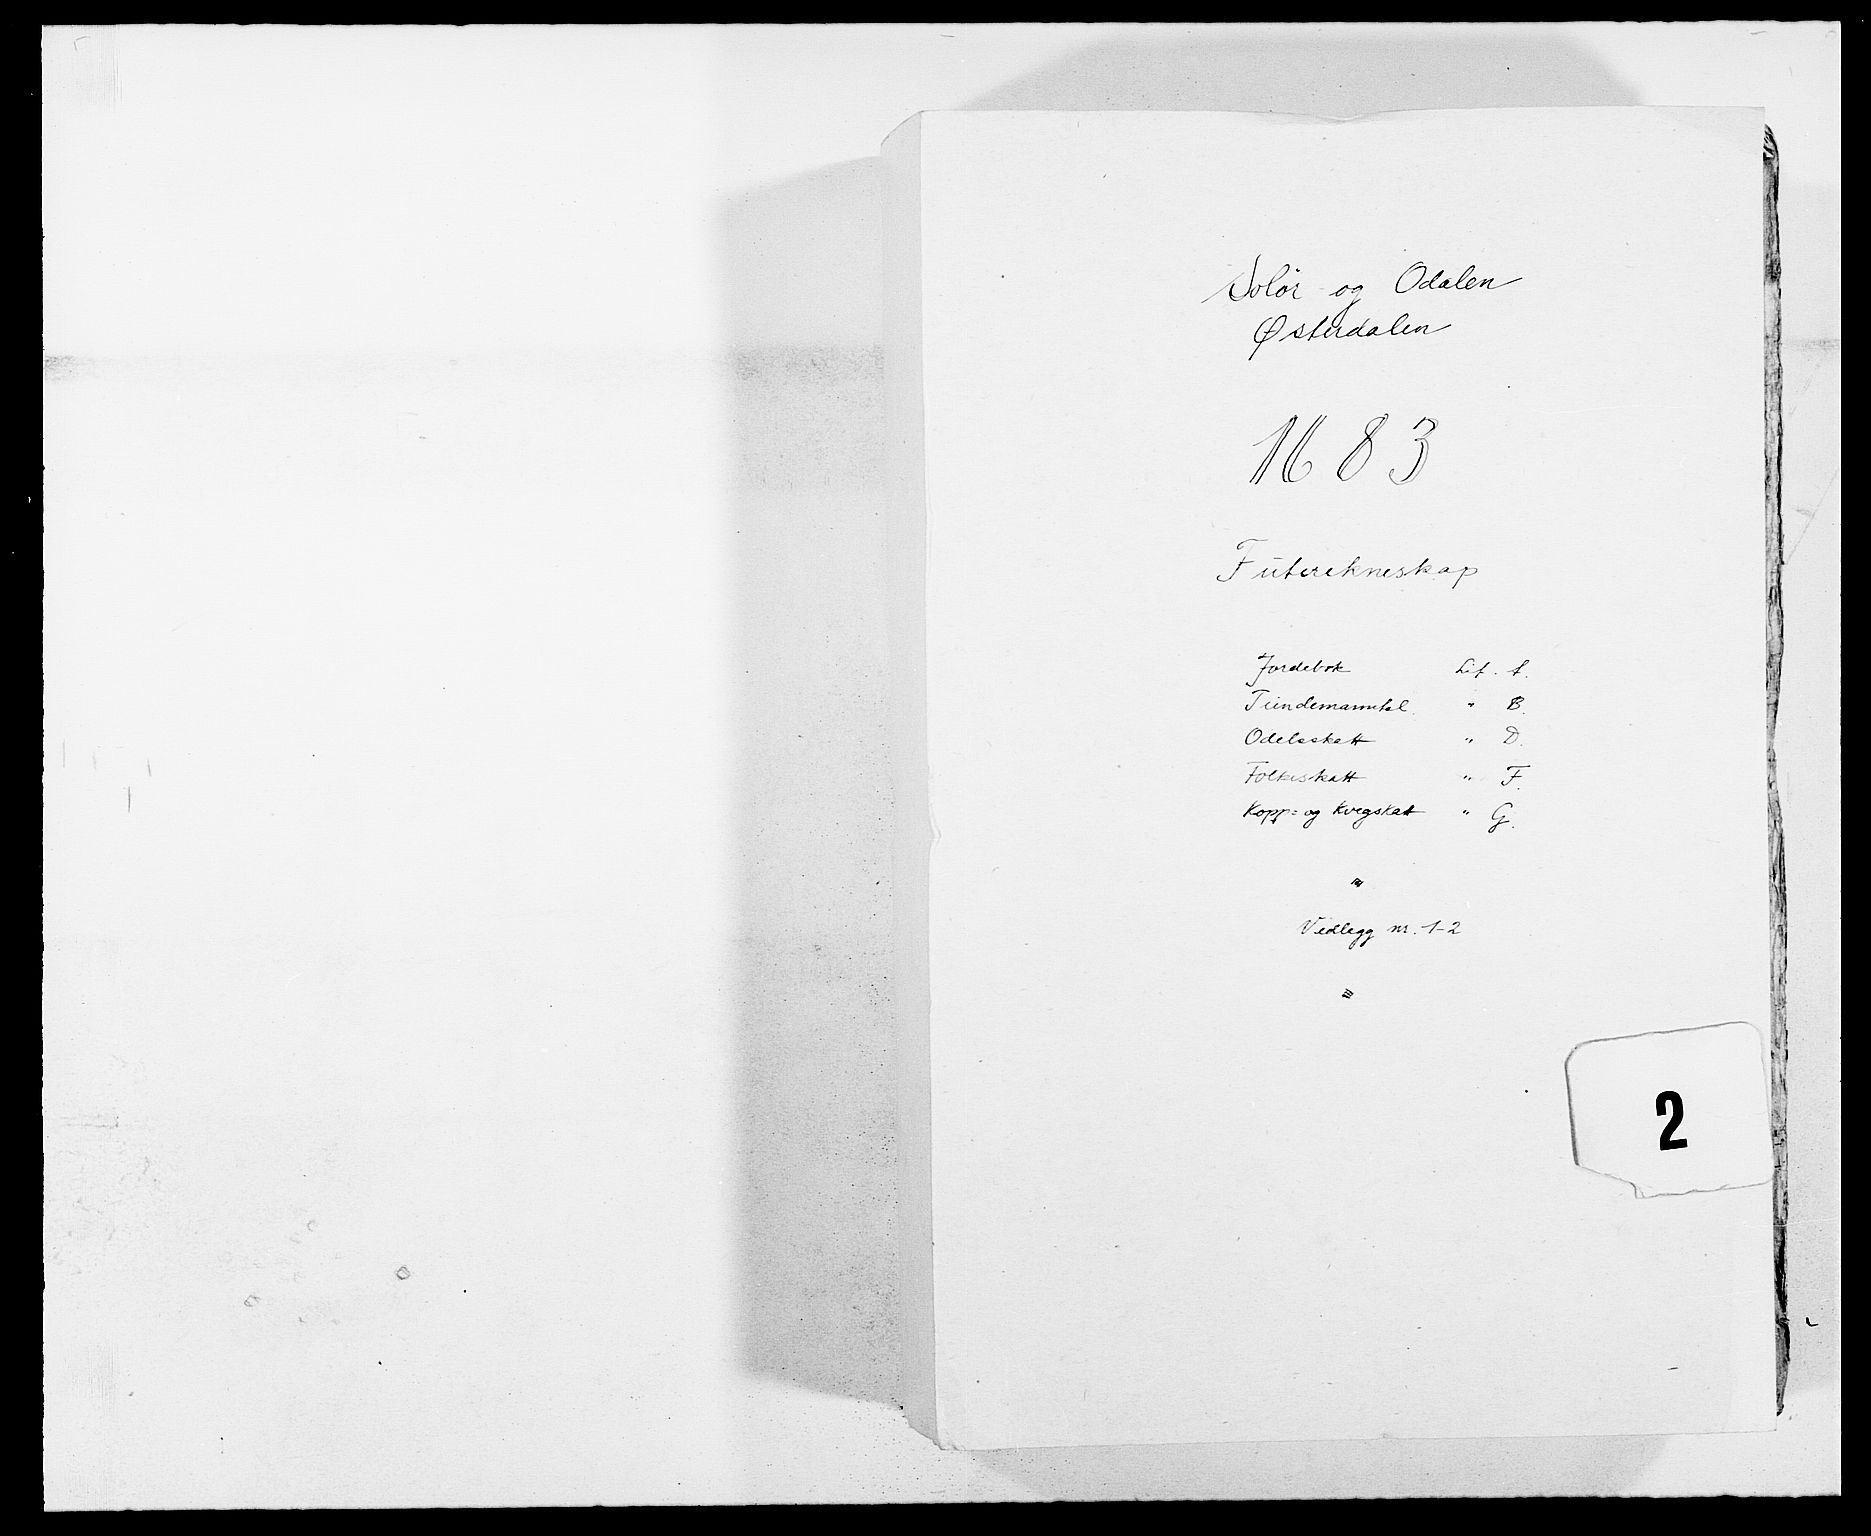 RA, Rentekammeret inntil 1814, Reviderte regnskaper, Fogderegnskap, R13/L0820: Fogderegnskap Solør, Odal og Østerdal, 1683, s. 1